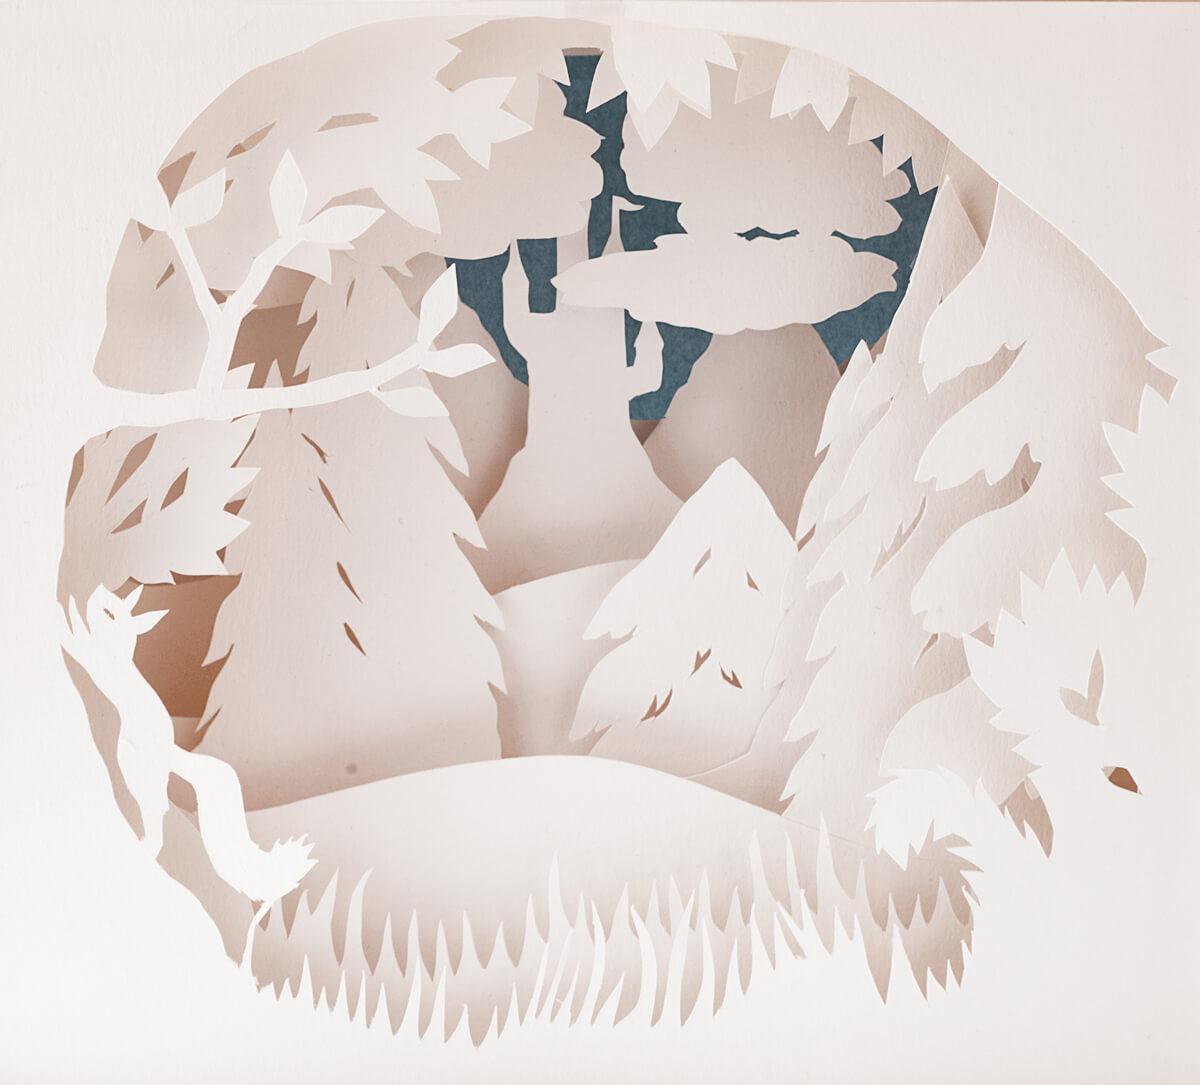 Paper Art Hanami Anna Hedenrud